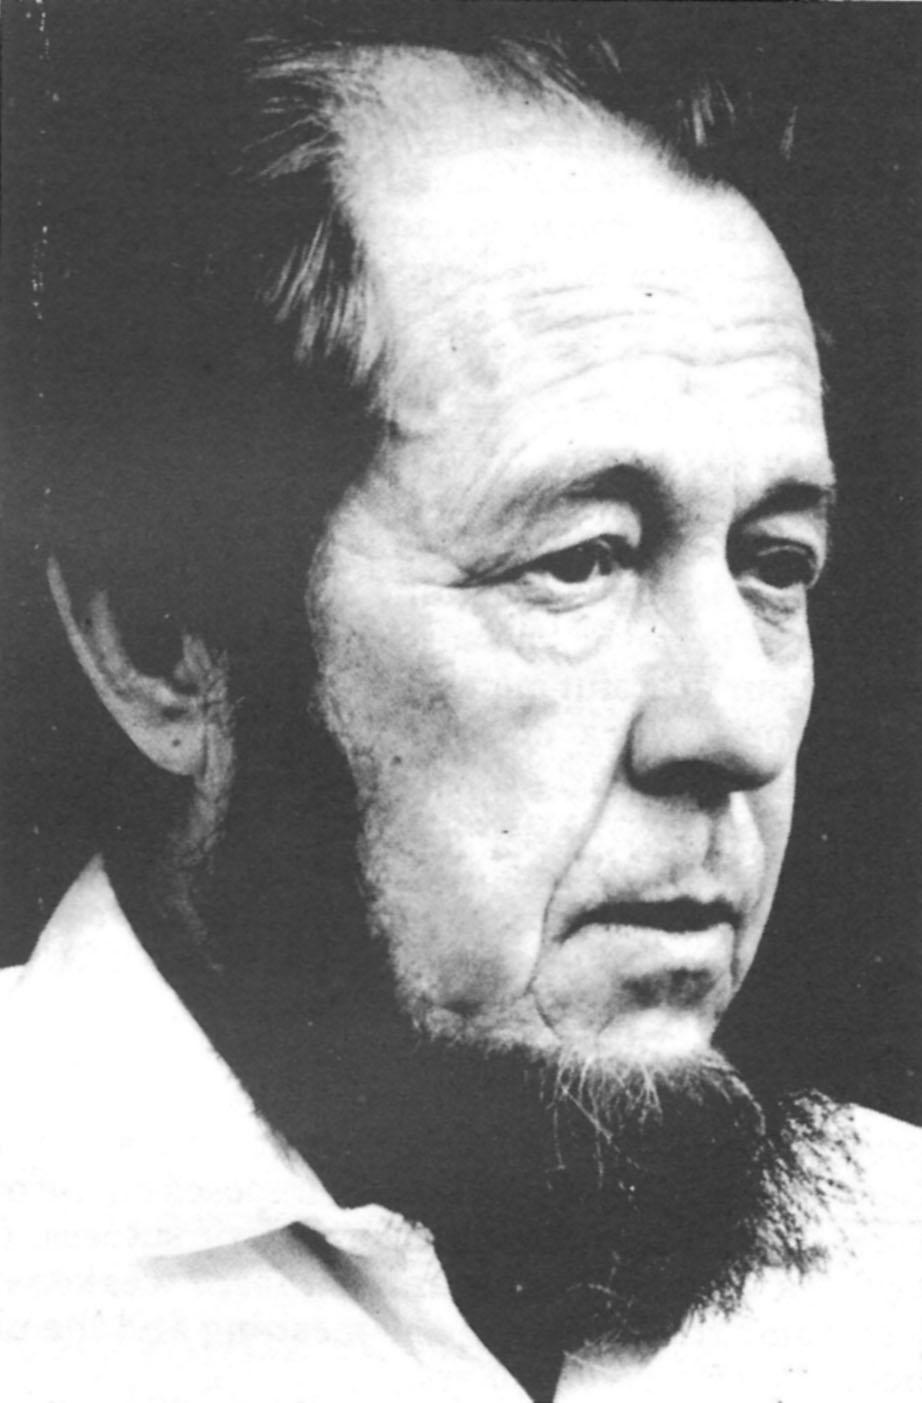 http://nationalvanguard.org/wp-content/uploads/2014/12/Alexander-Solzhenitsyn.jpg